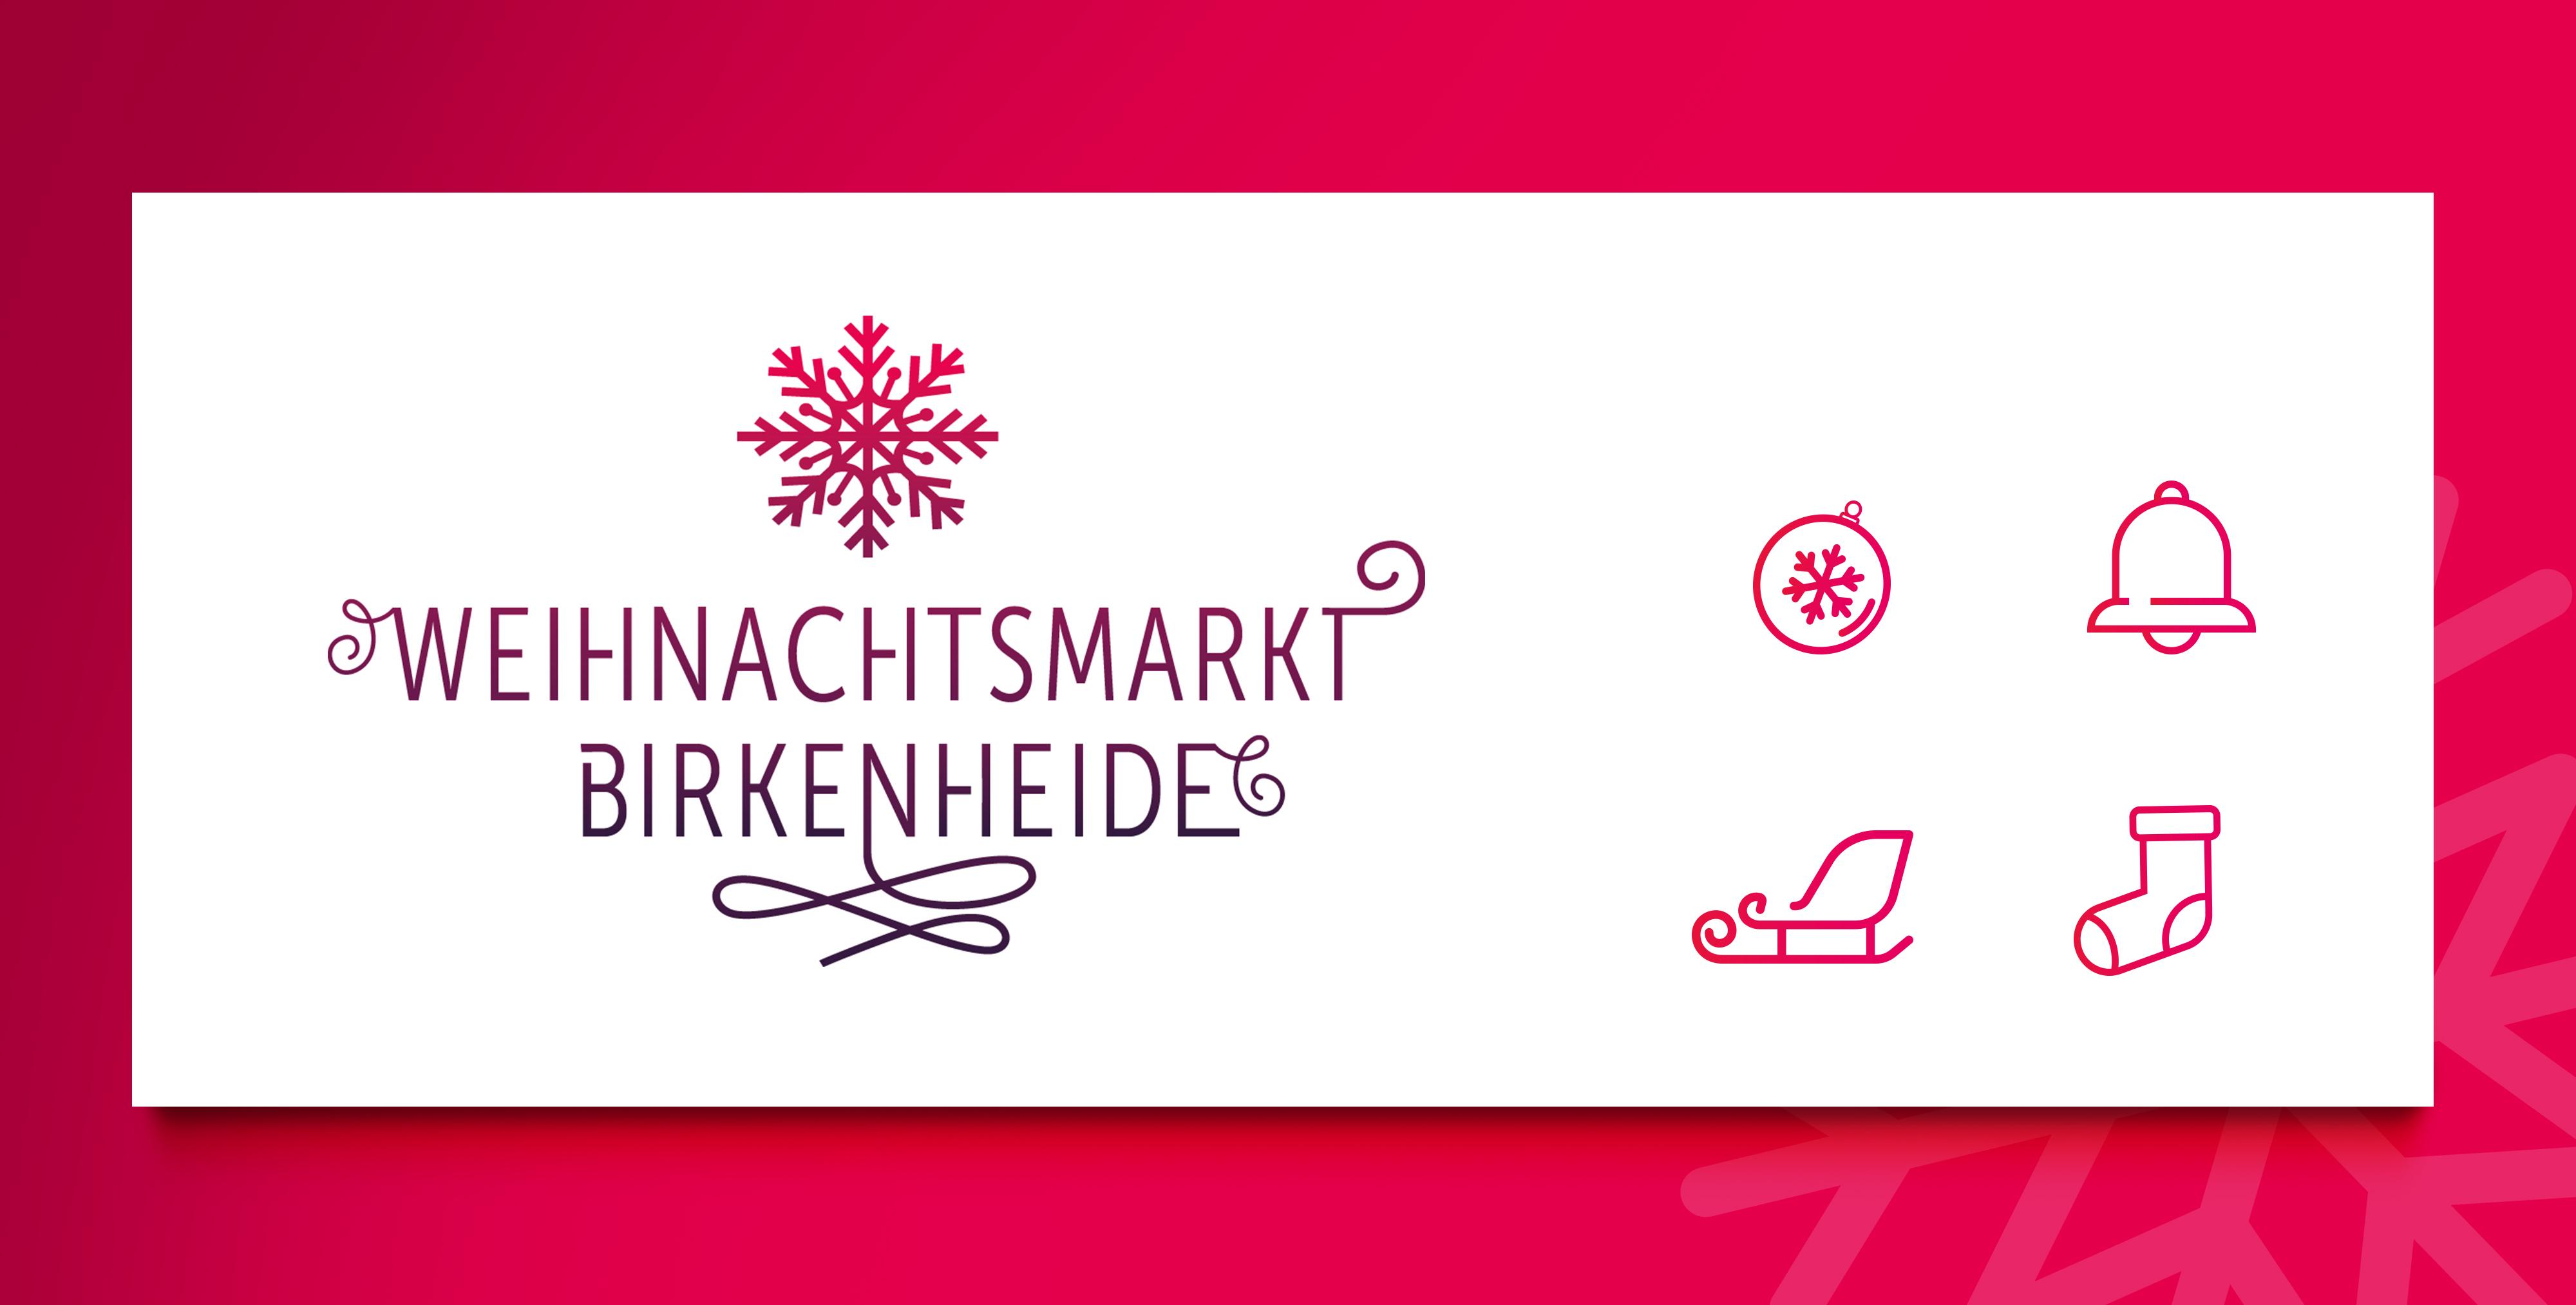 Logogestaltung Weihnachtsmarkt Birkenheide